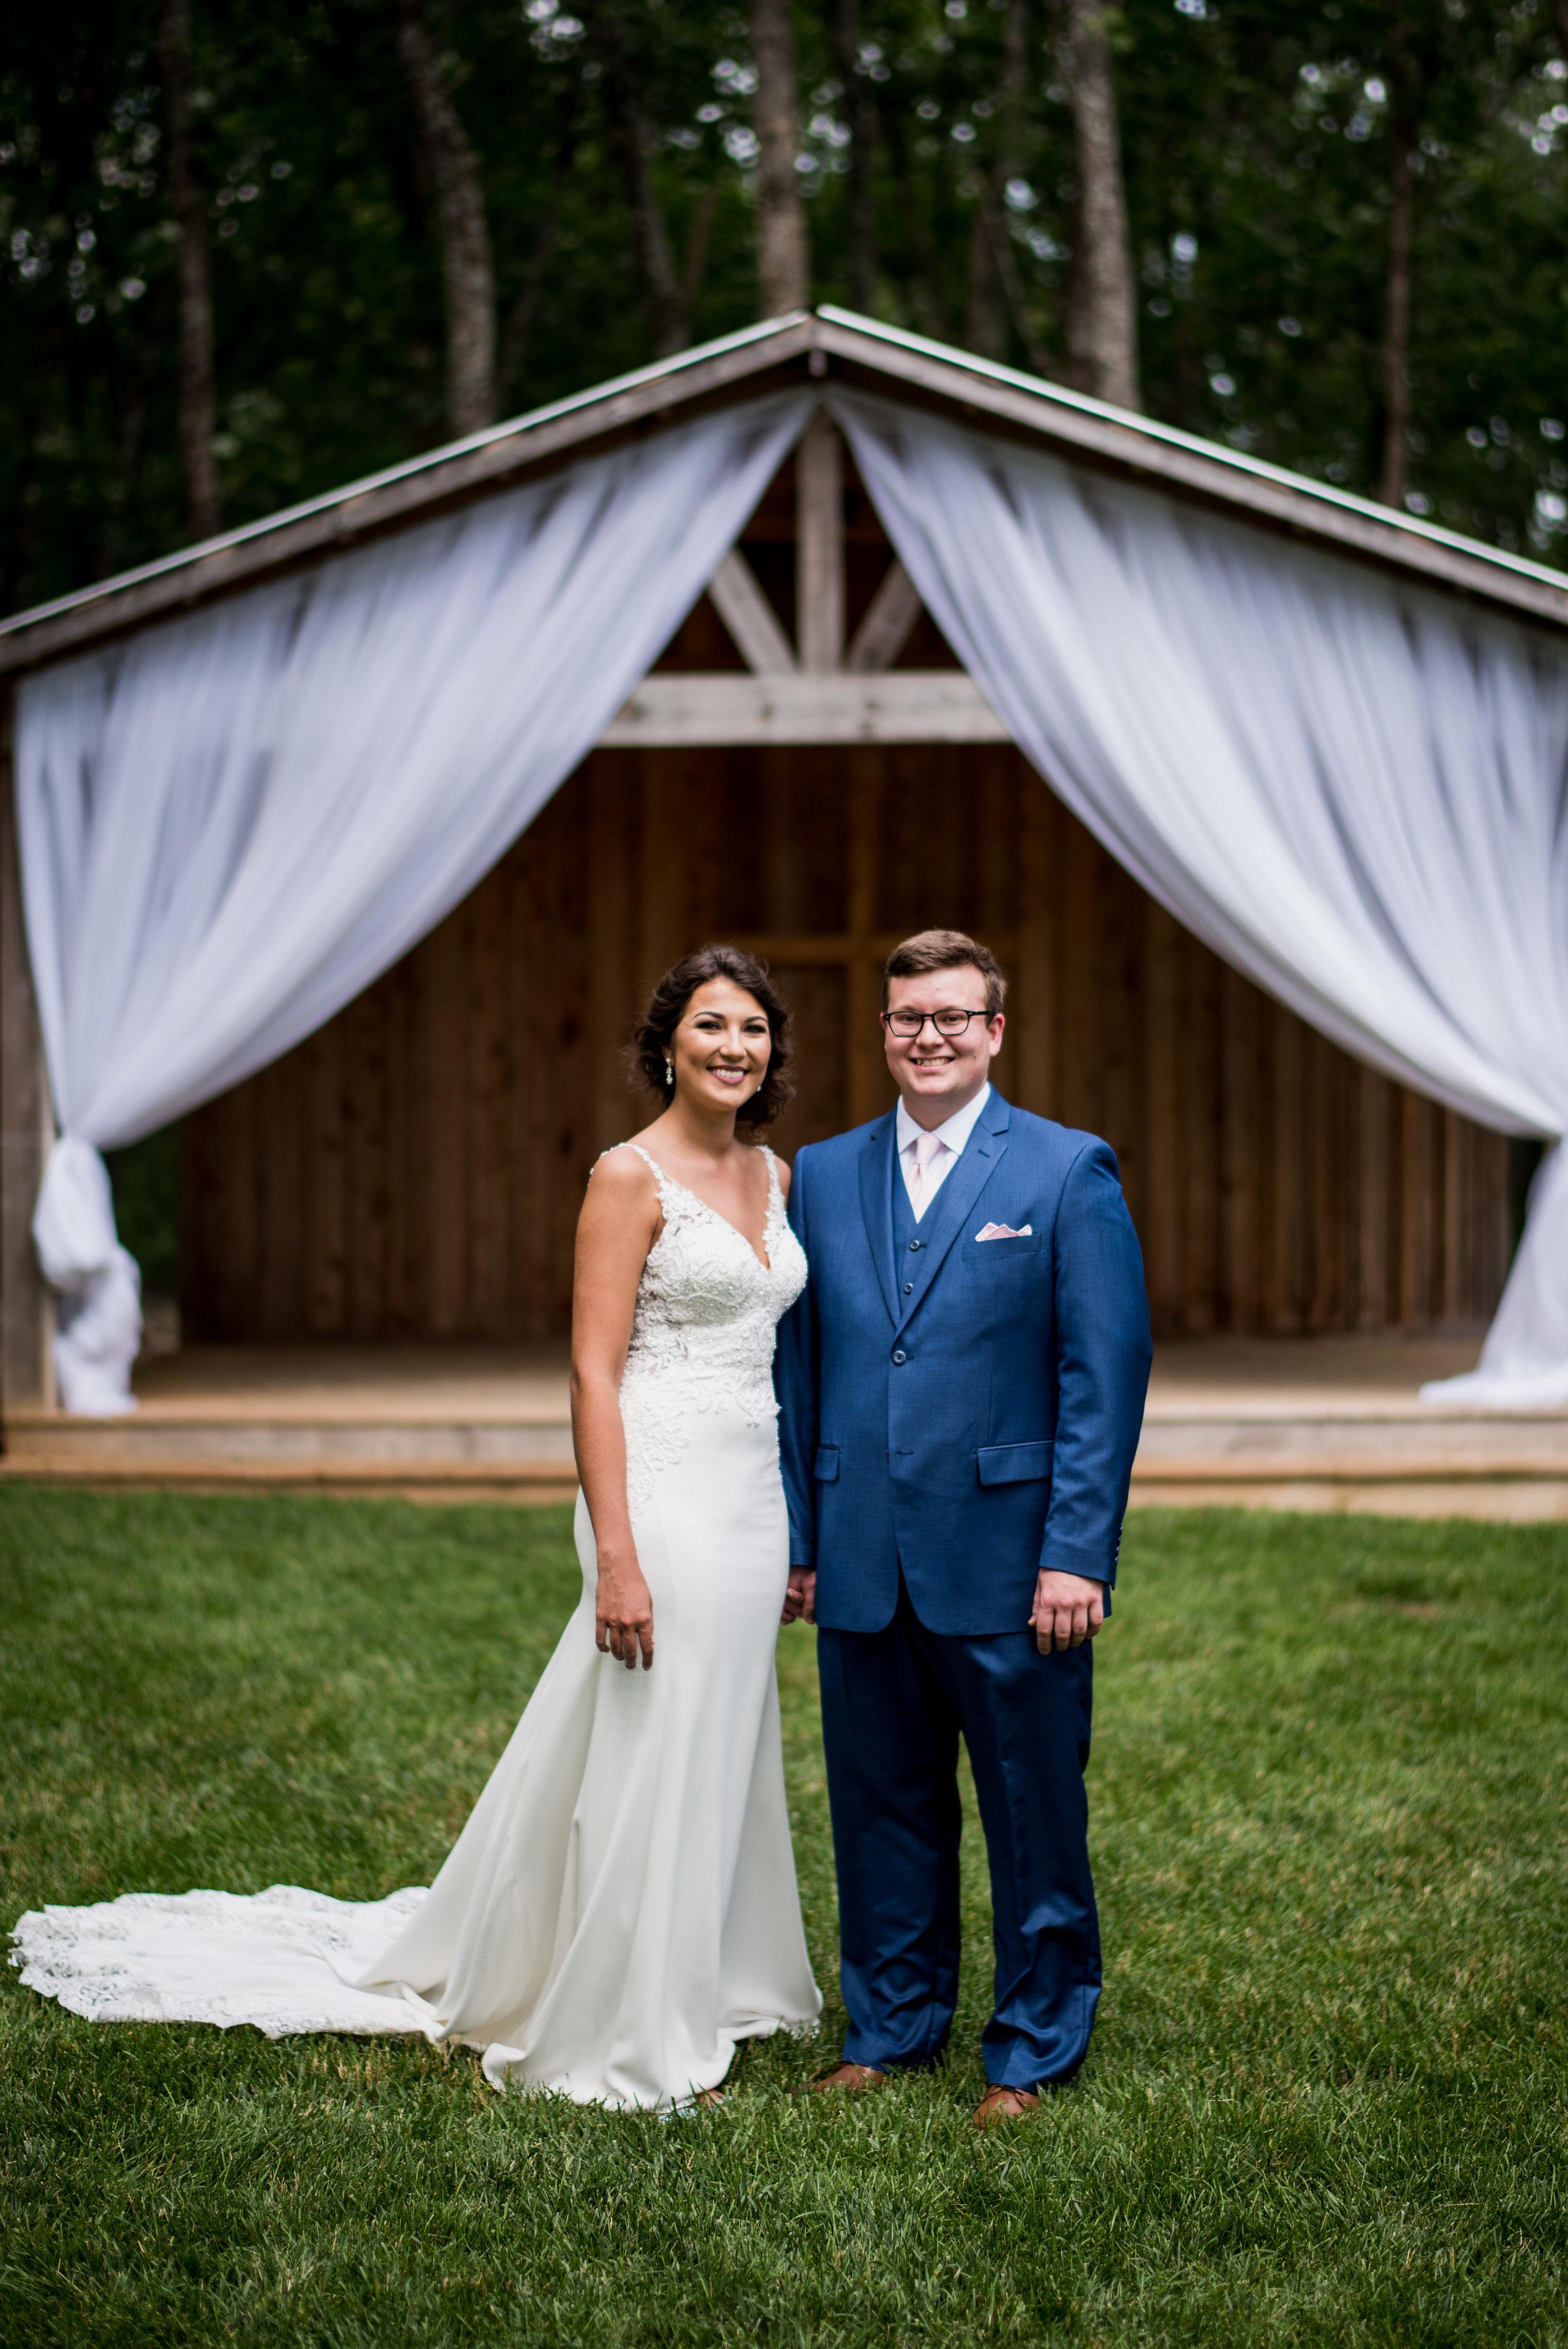 Saddlewood-Farms-Nashville-Wedding-Photographers-108.jpg